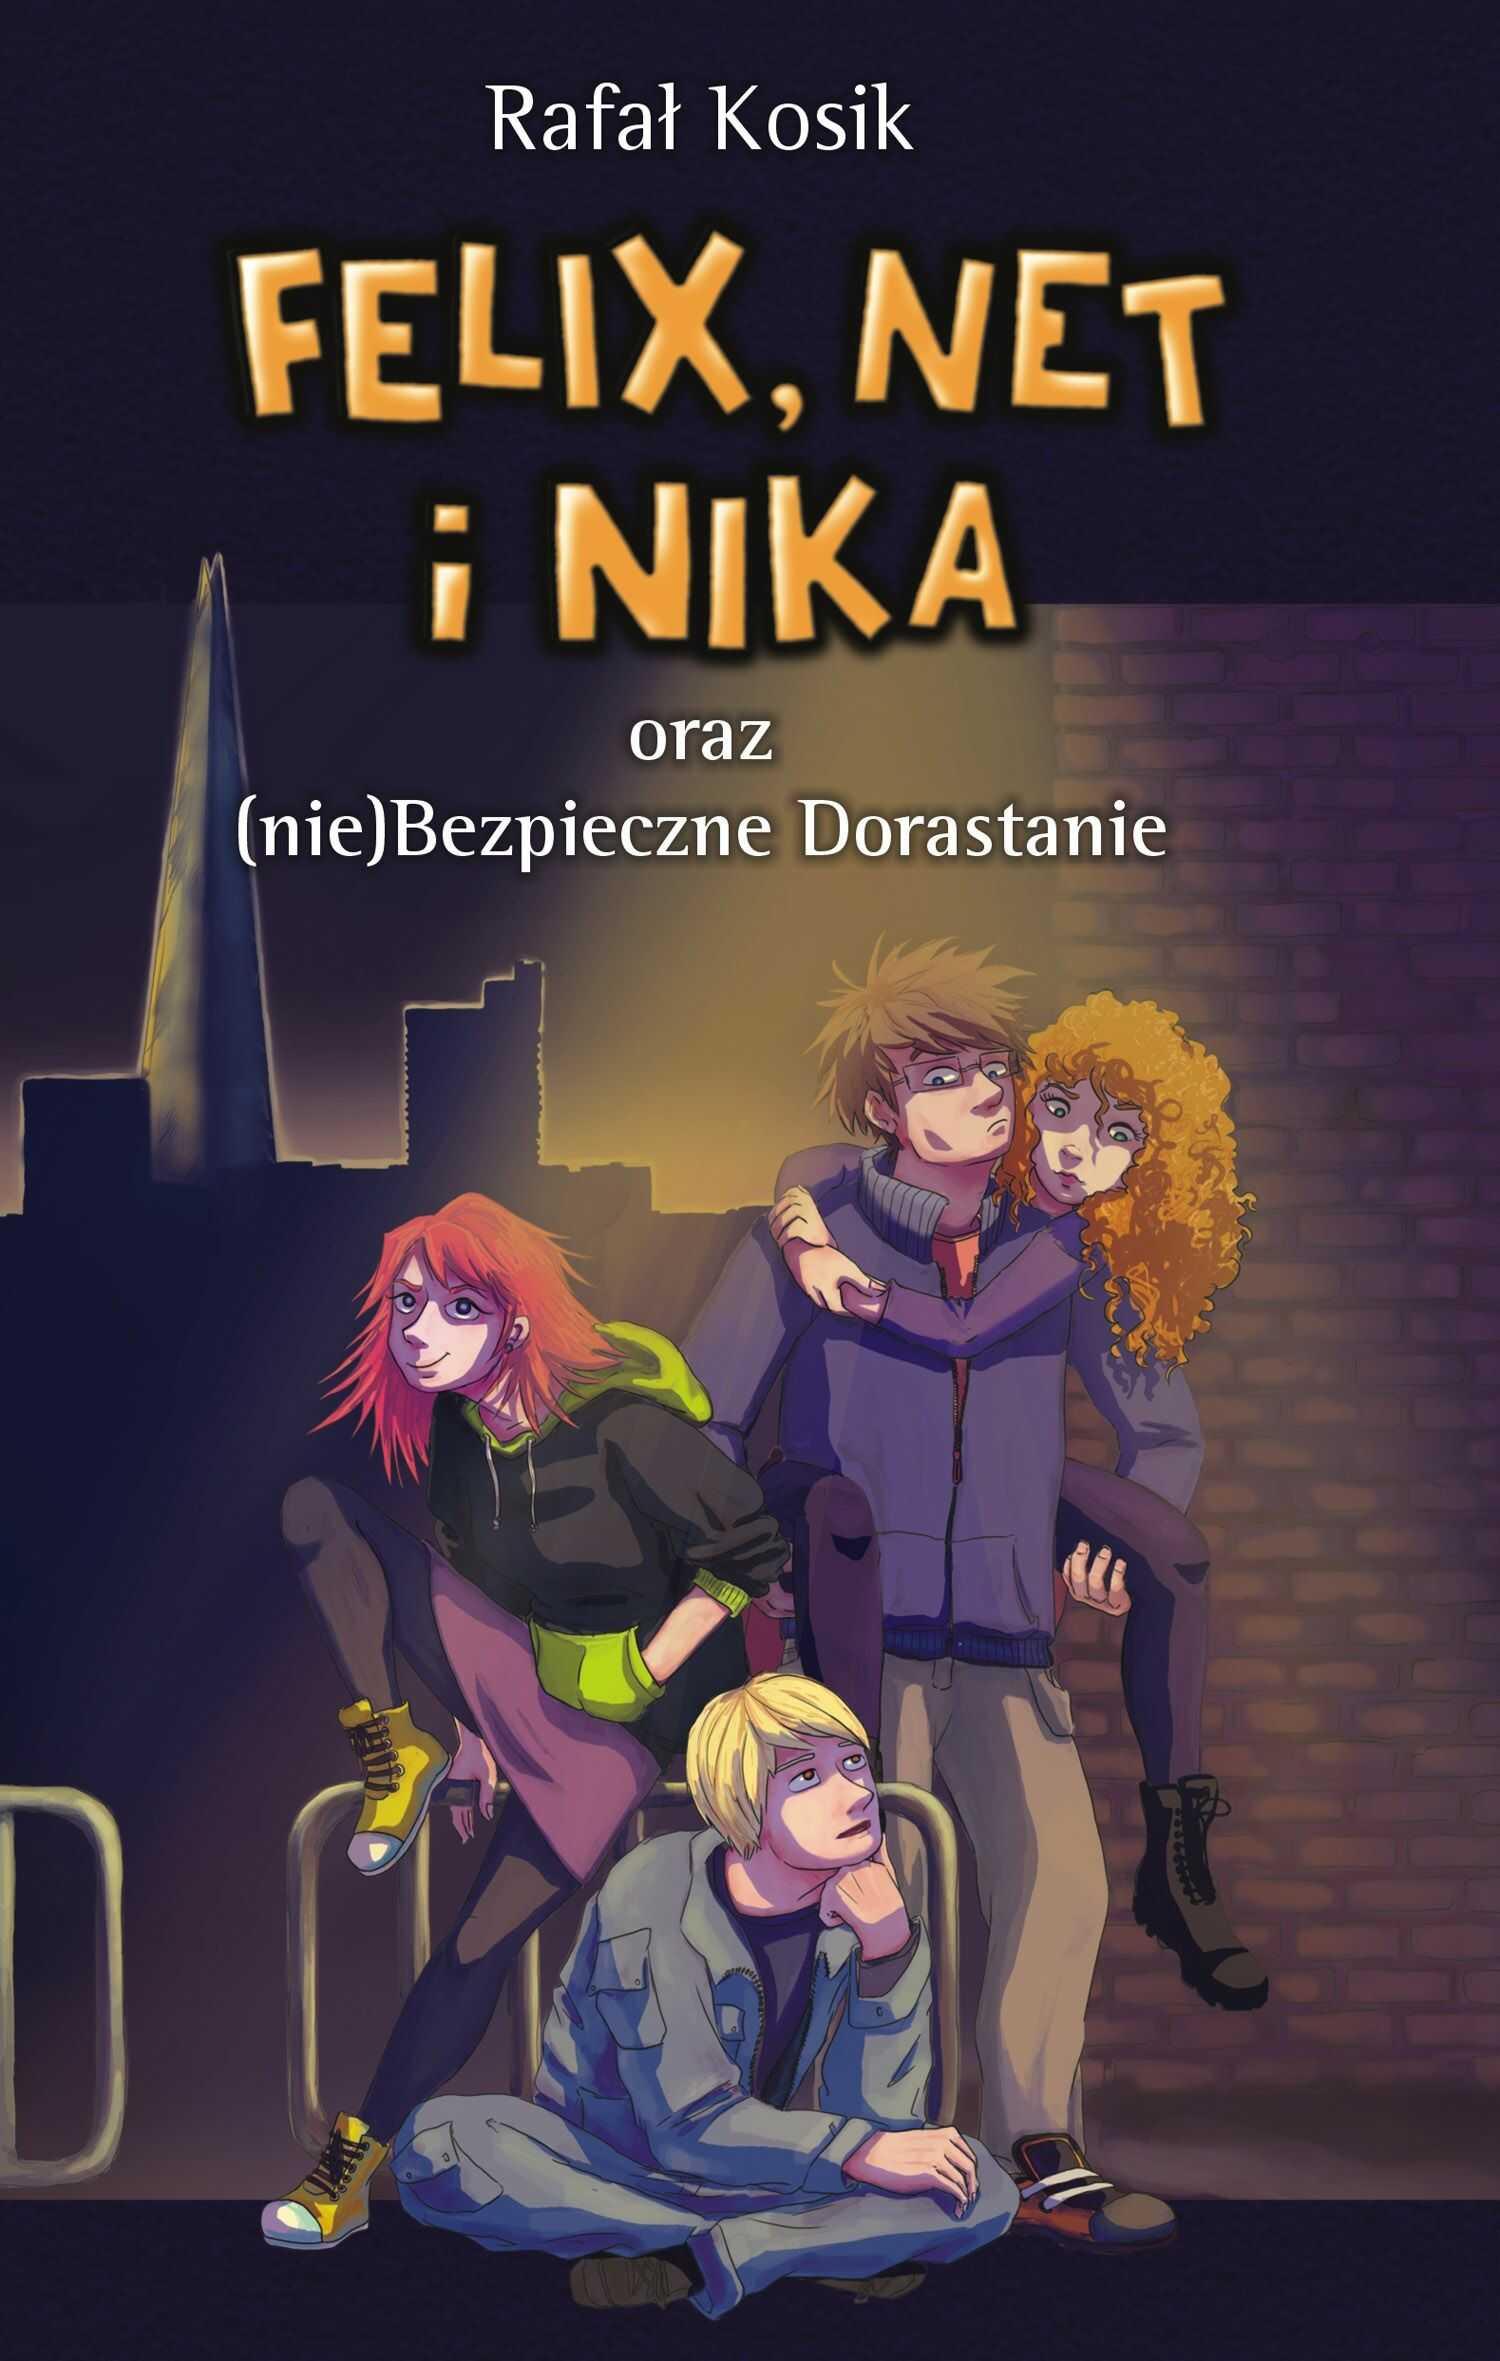 Felix, Net i Nika oraz (nie)Bezpieczne Dorastanie - Rafał Kosik - ebook